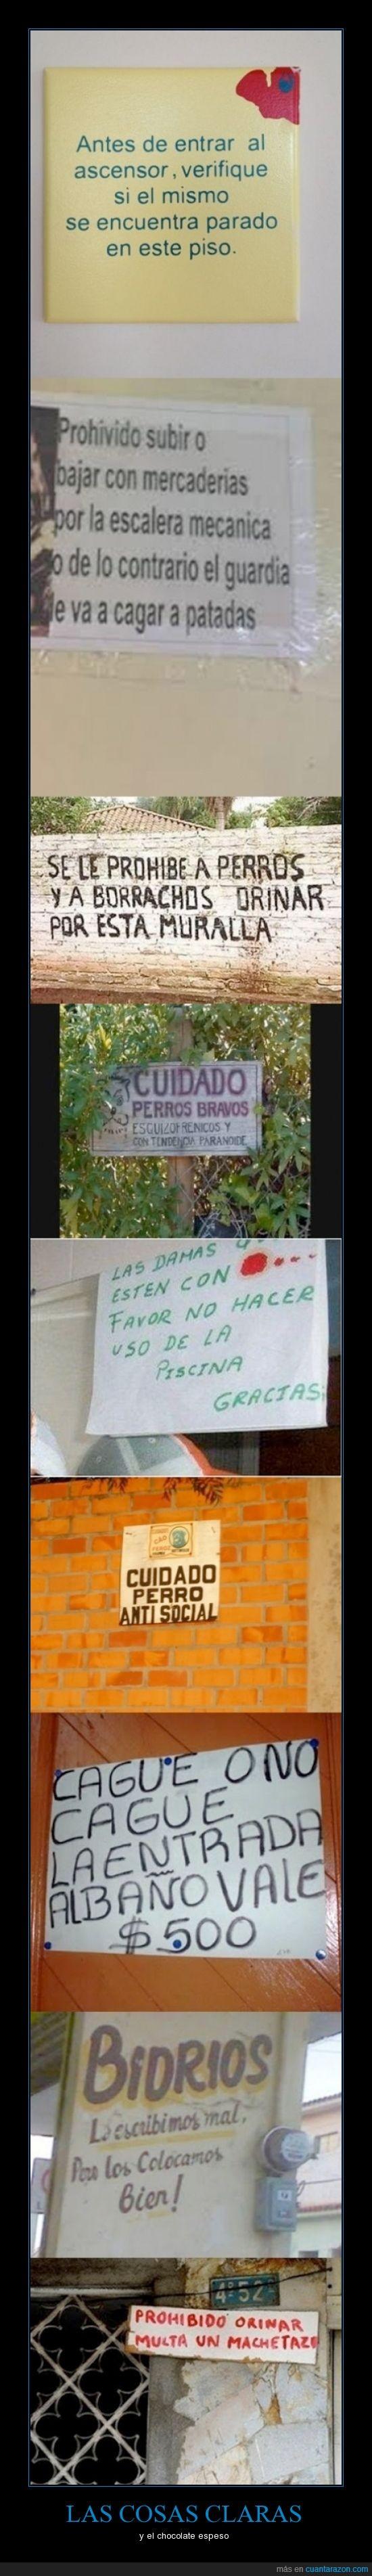 a machetazo limpio,amenaza,carteles,cosas bien claras,ortografia,paraguay,tienen